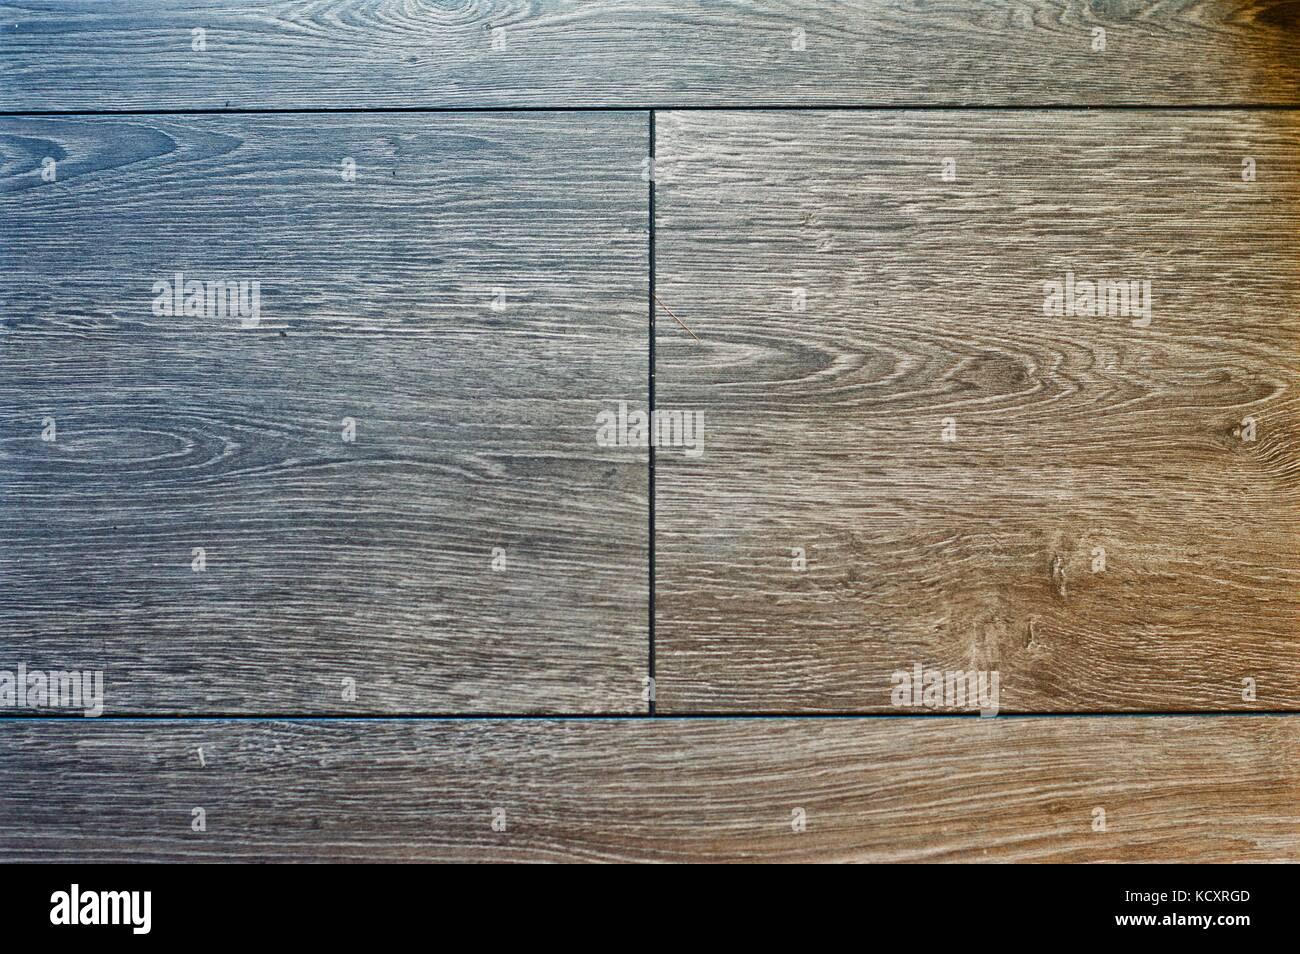 Grey wood grain floorboards Stock Photo